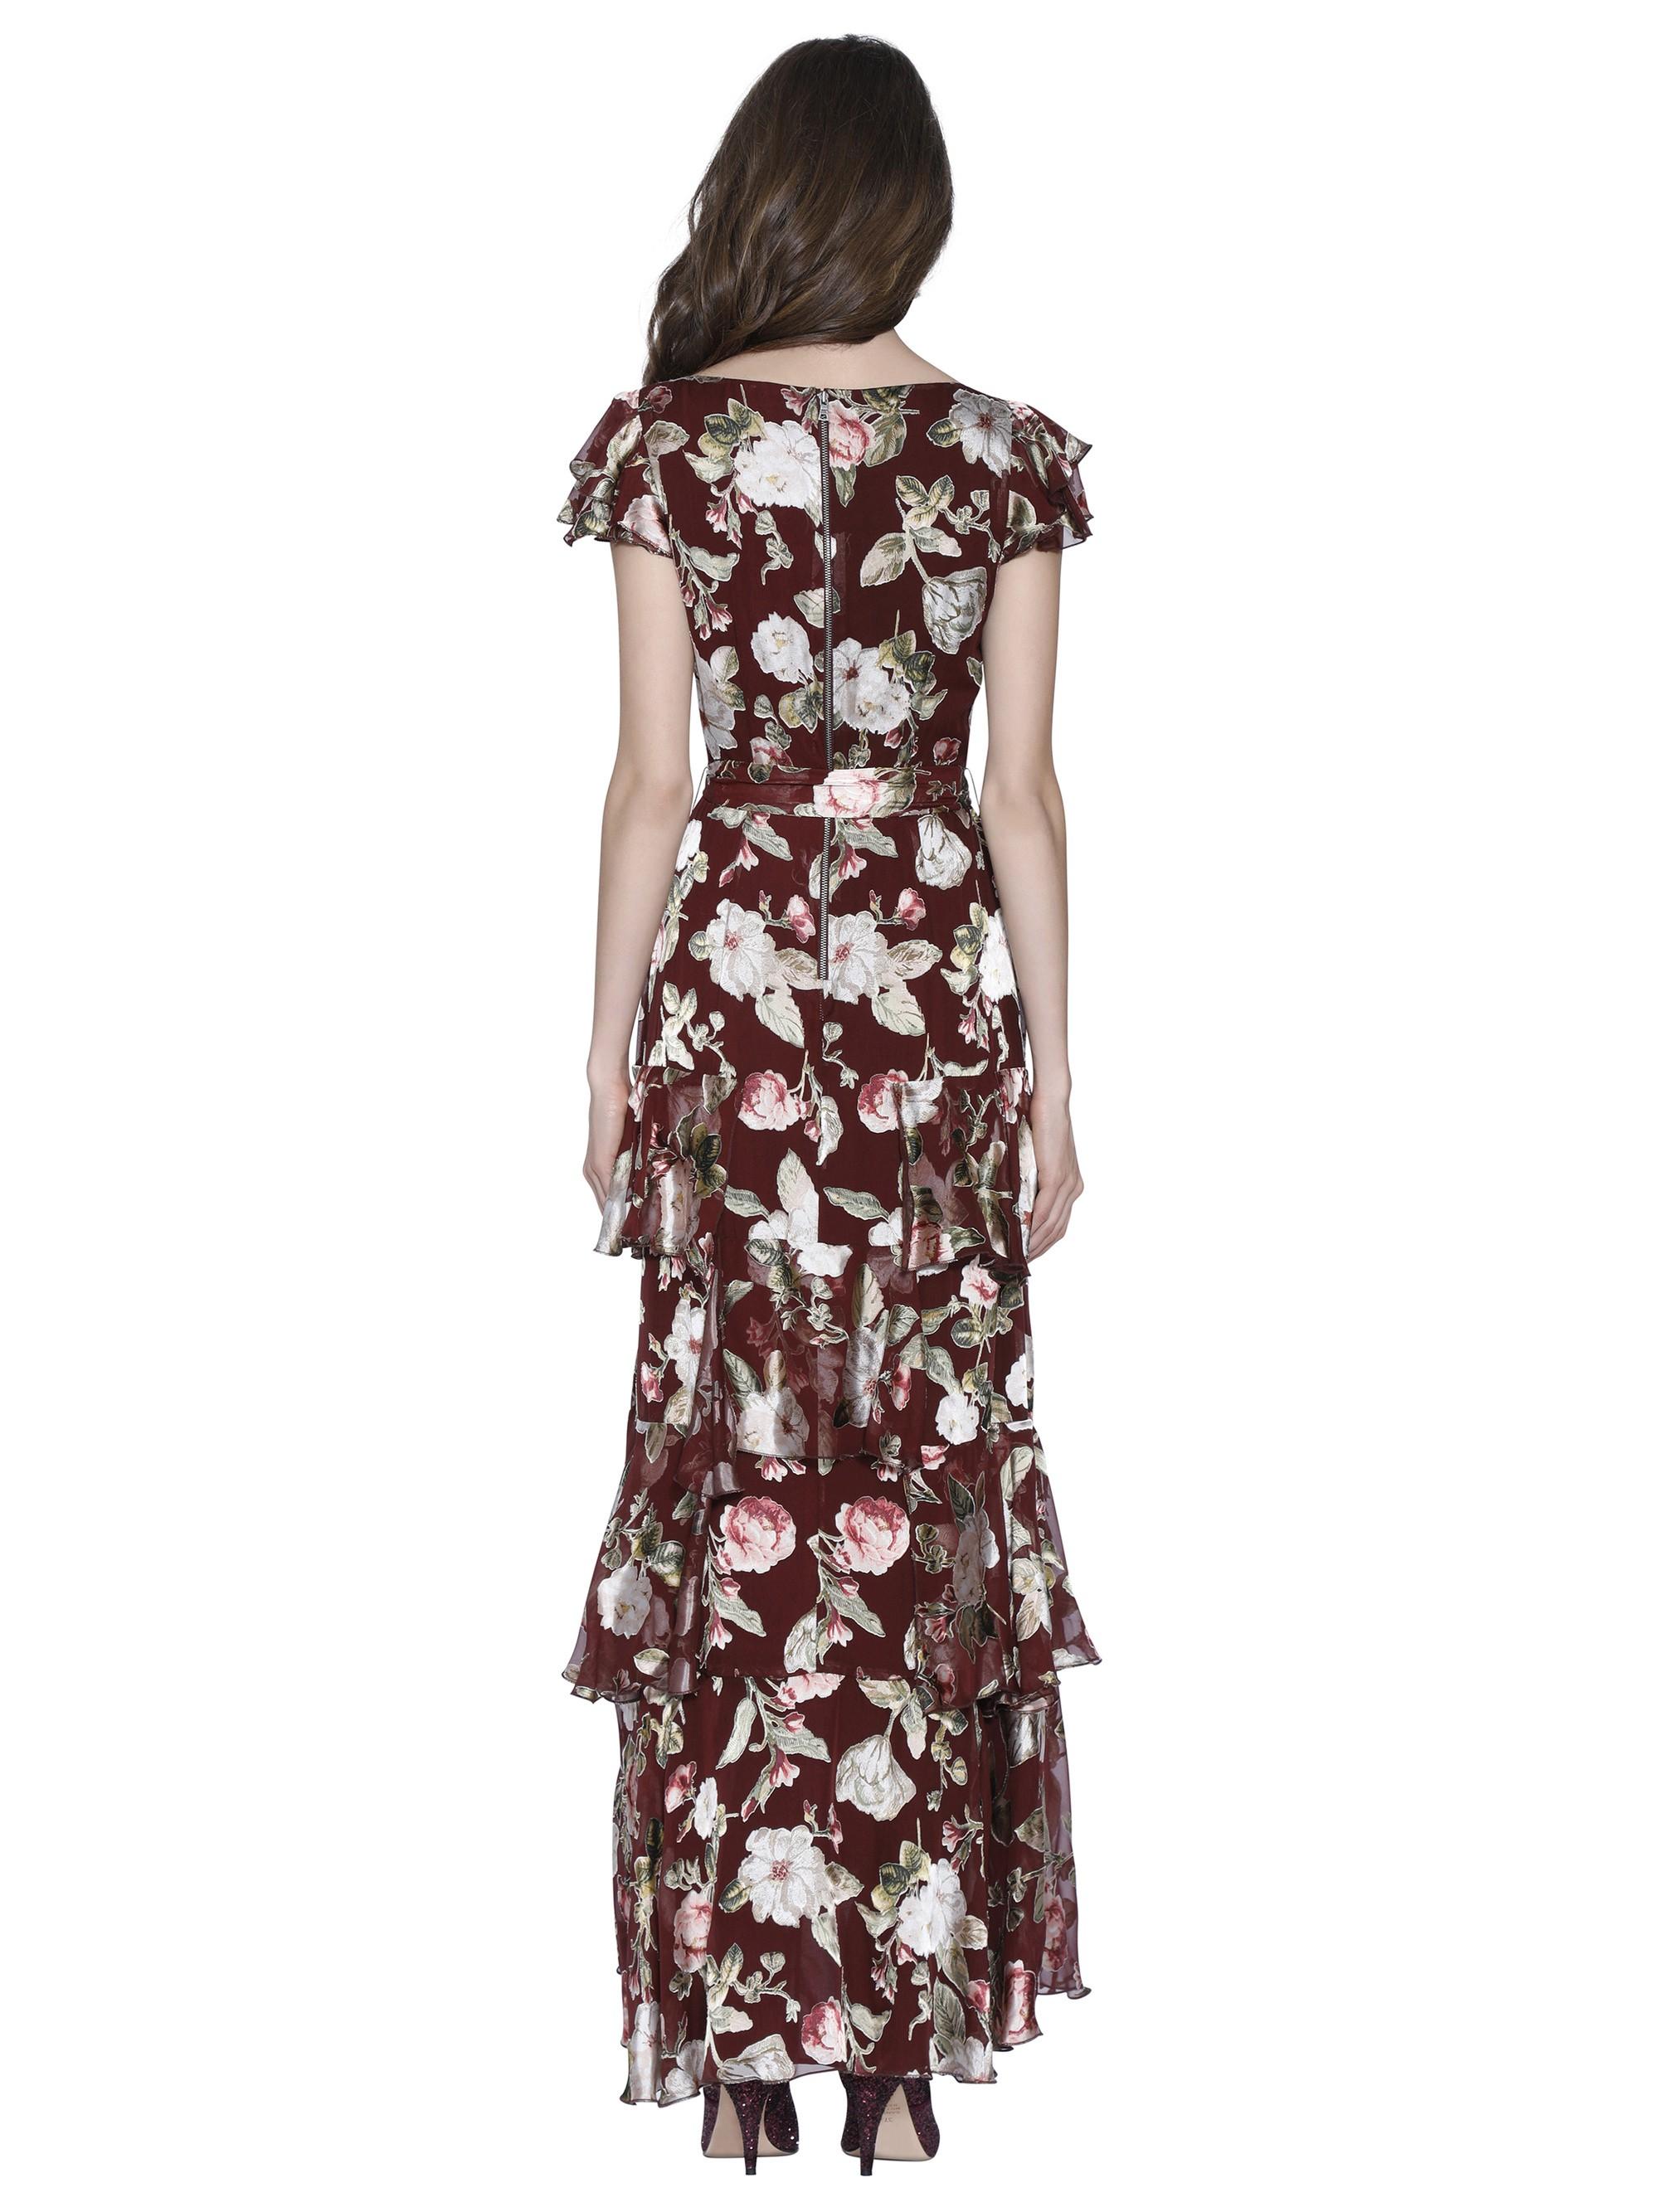 28fd6a6c7dc4 Alice + Olivia Jenny Flutter Sleeve Maxi Dress - Hazy Floral Wine 0 ...